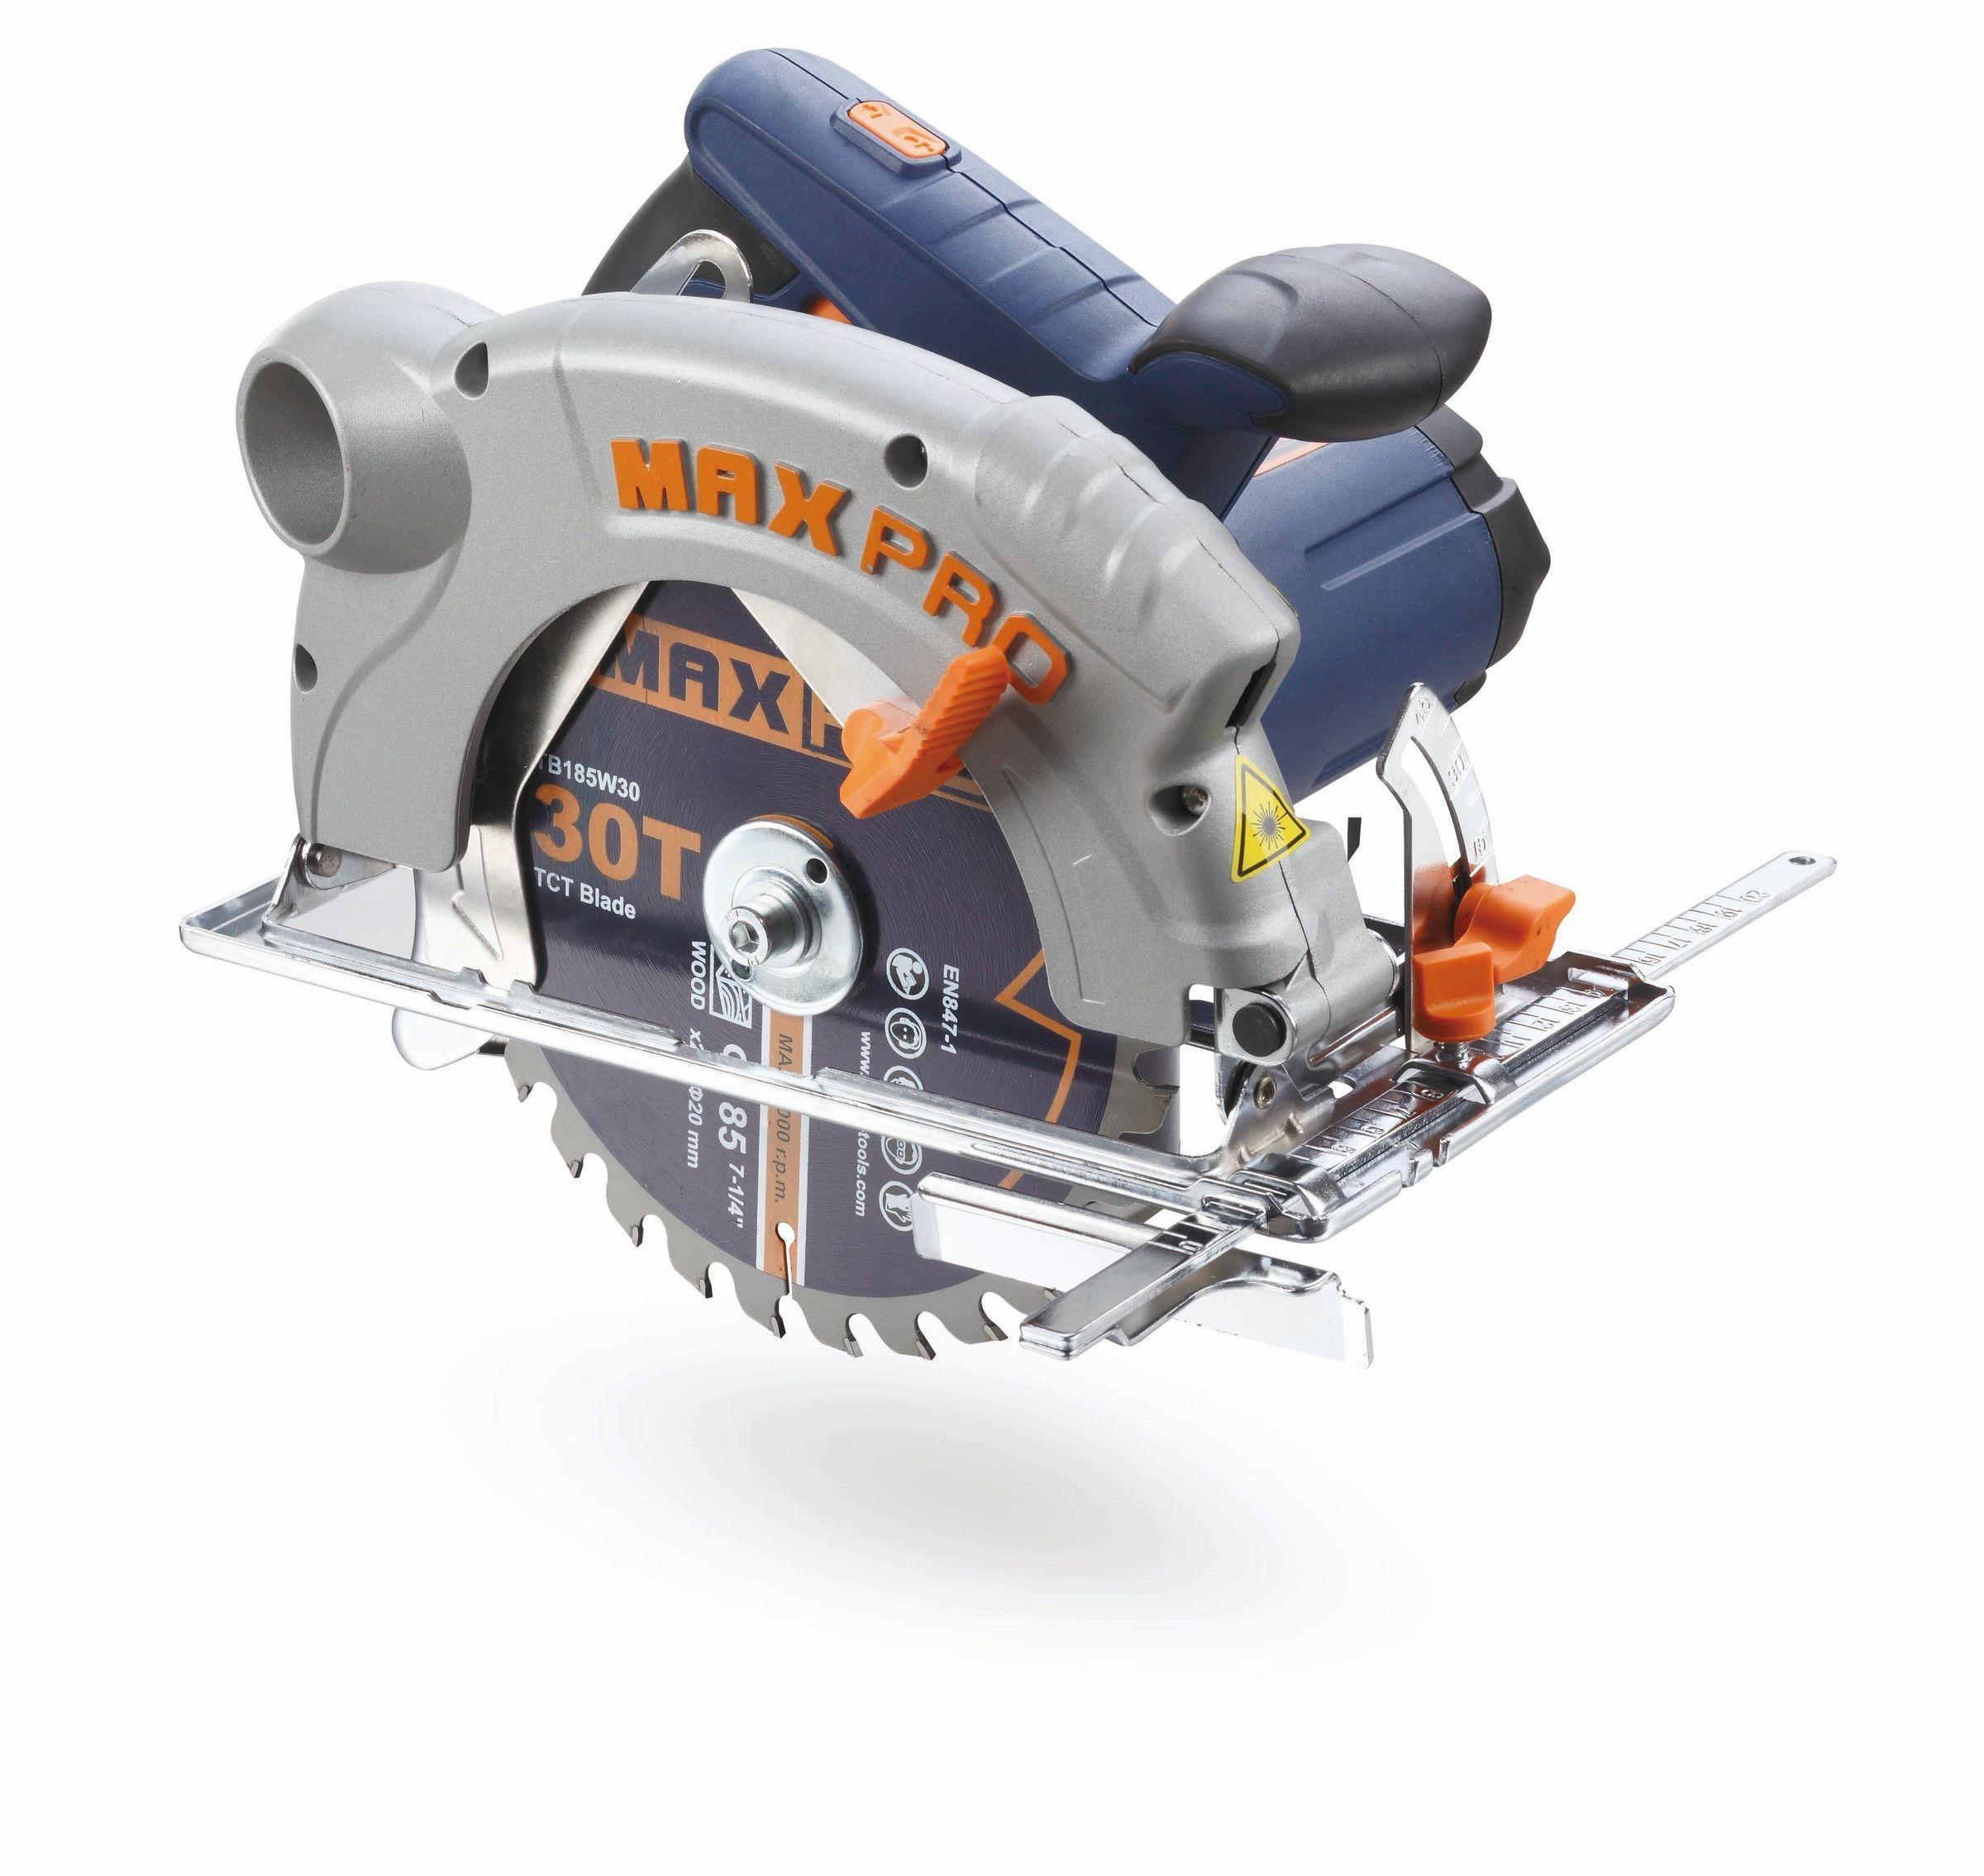 Пила циркулярная MAX PRO 1300W  MPCS 1300185L